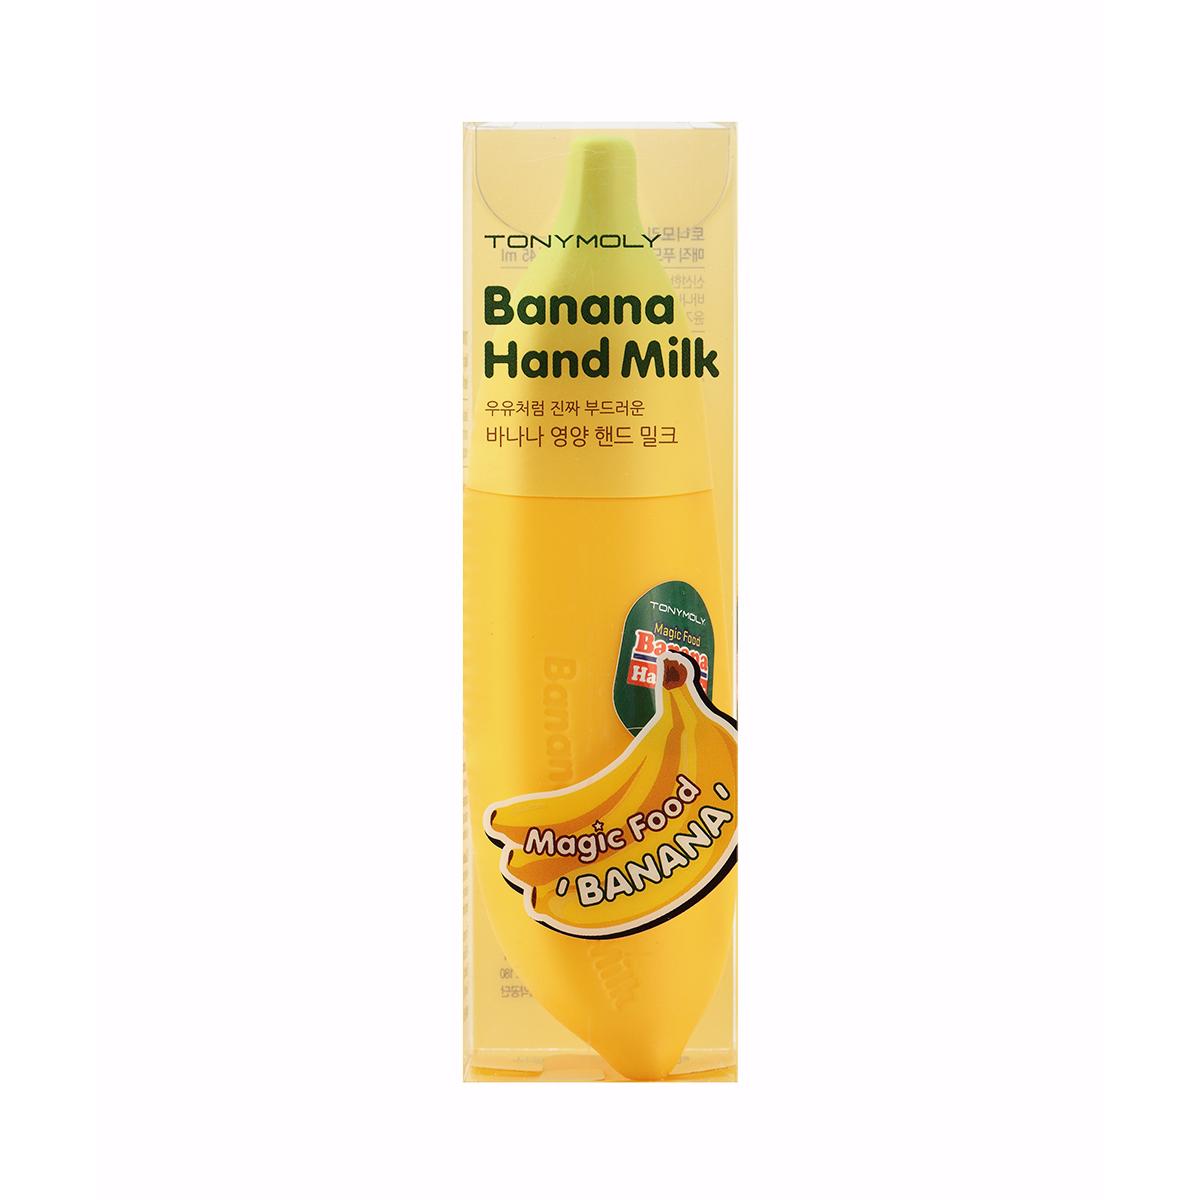 TonyMoly Крем для рук Magic Food Banana Hand Milk, 45 млBD03012800Легкий крем для рук с очень нежной текстурой молочка. Увлажняет и питает кожу рук, восстанавливая ее текстуру и препятствуя преждевременному появлению морщин. Также средство бережно защищает кожу рук от перепадов температуры, негативного воздействия окружающей среды и химических средств, используемых в быту. Экстракт банана, являющийся одним из основных ингредиентов средства, оказывает осветляющее действие, восстанавливает ее упругость и эластичность. Масло ши и молочные протеины удаляют ороговевшие частички кожи, оказывая противовоспалительное и укрепляющее воздействие. При регулярном применении средства Вы получите мягкую, гладкую кожу рук и более крепкие и здоровые ногти.Объем: 45 мл. Марка Tony Moly чаще всего размещает на упаковке (внизу или наверху на спайке двух сторон упаковки, на дне банки, на тубе сбоку) дату изготовления в формате: год/месяц/дата.